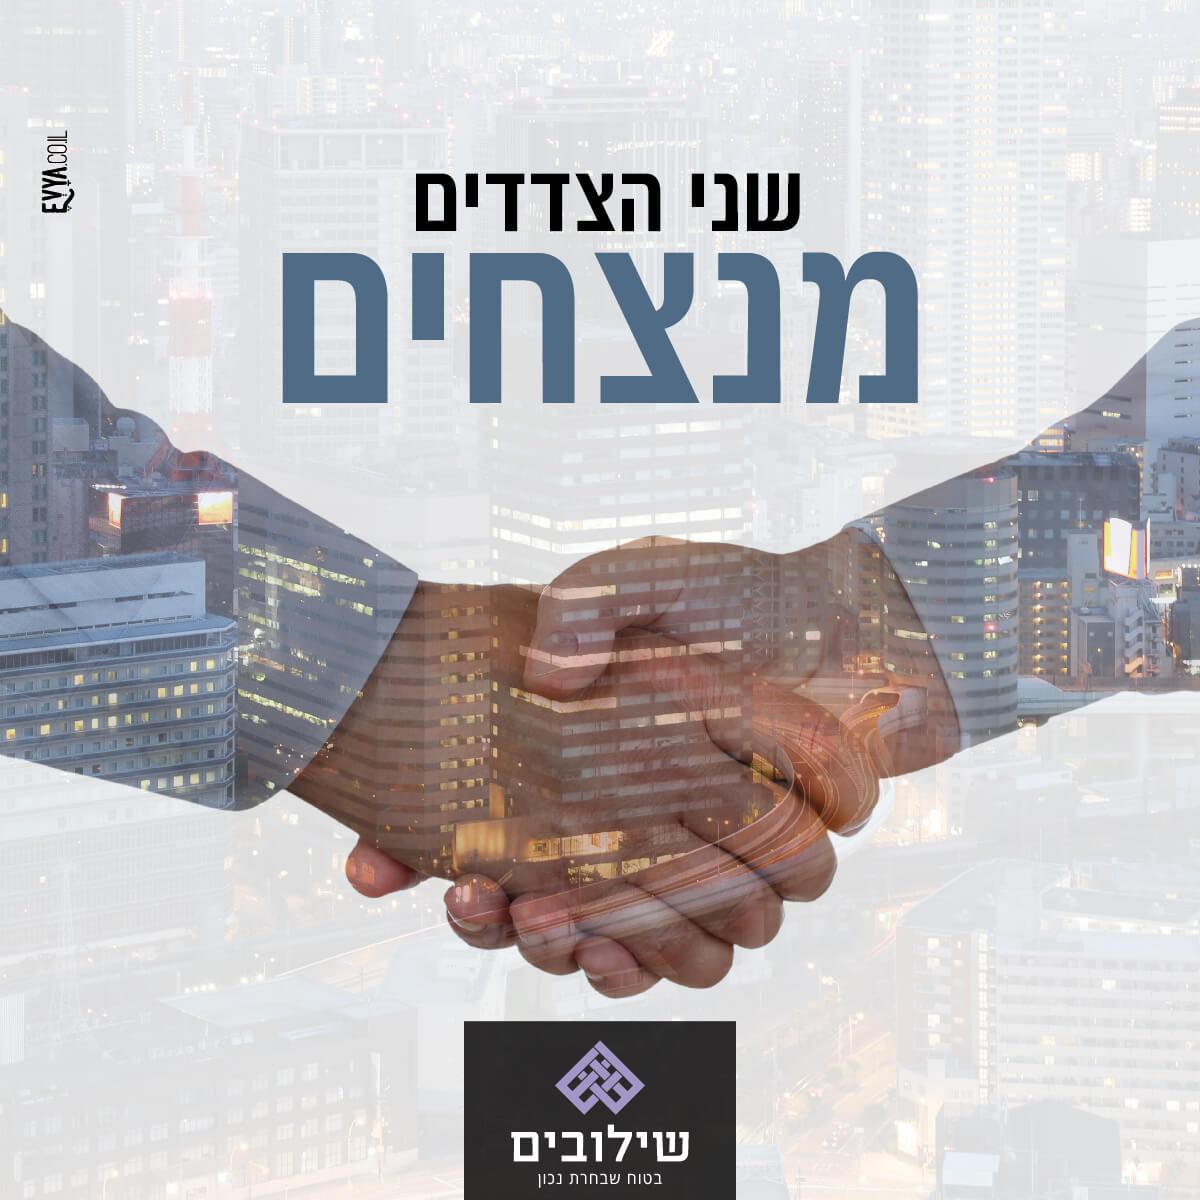 משה ביתן שני הצצדים מנצחים-01